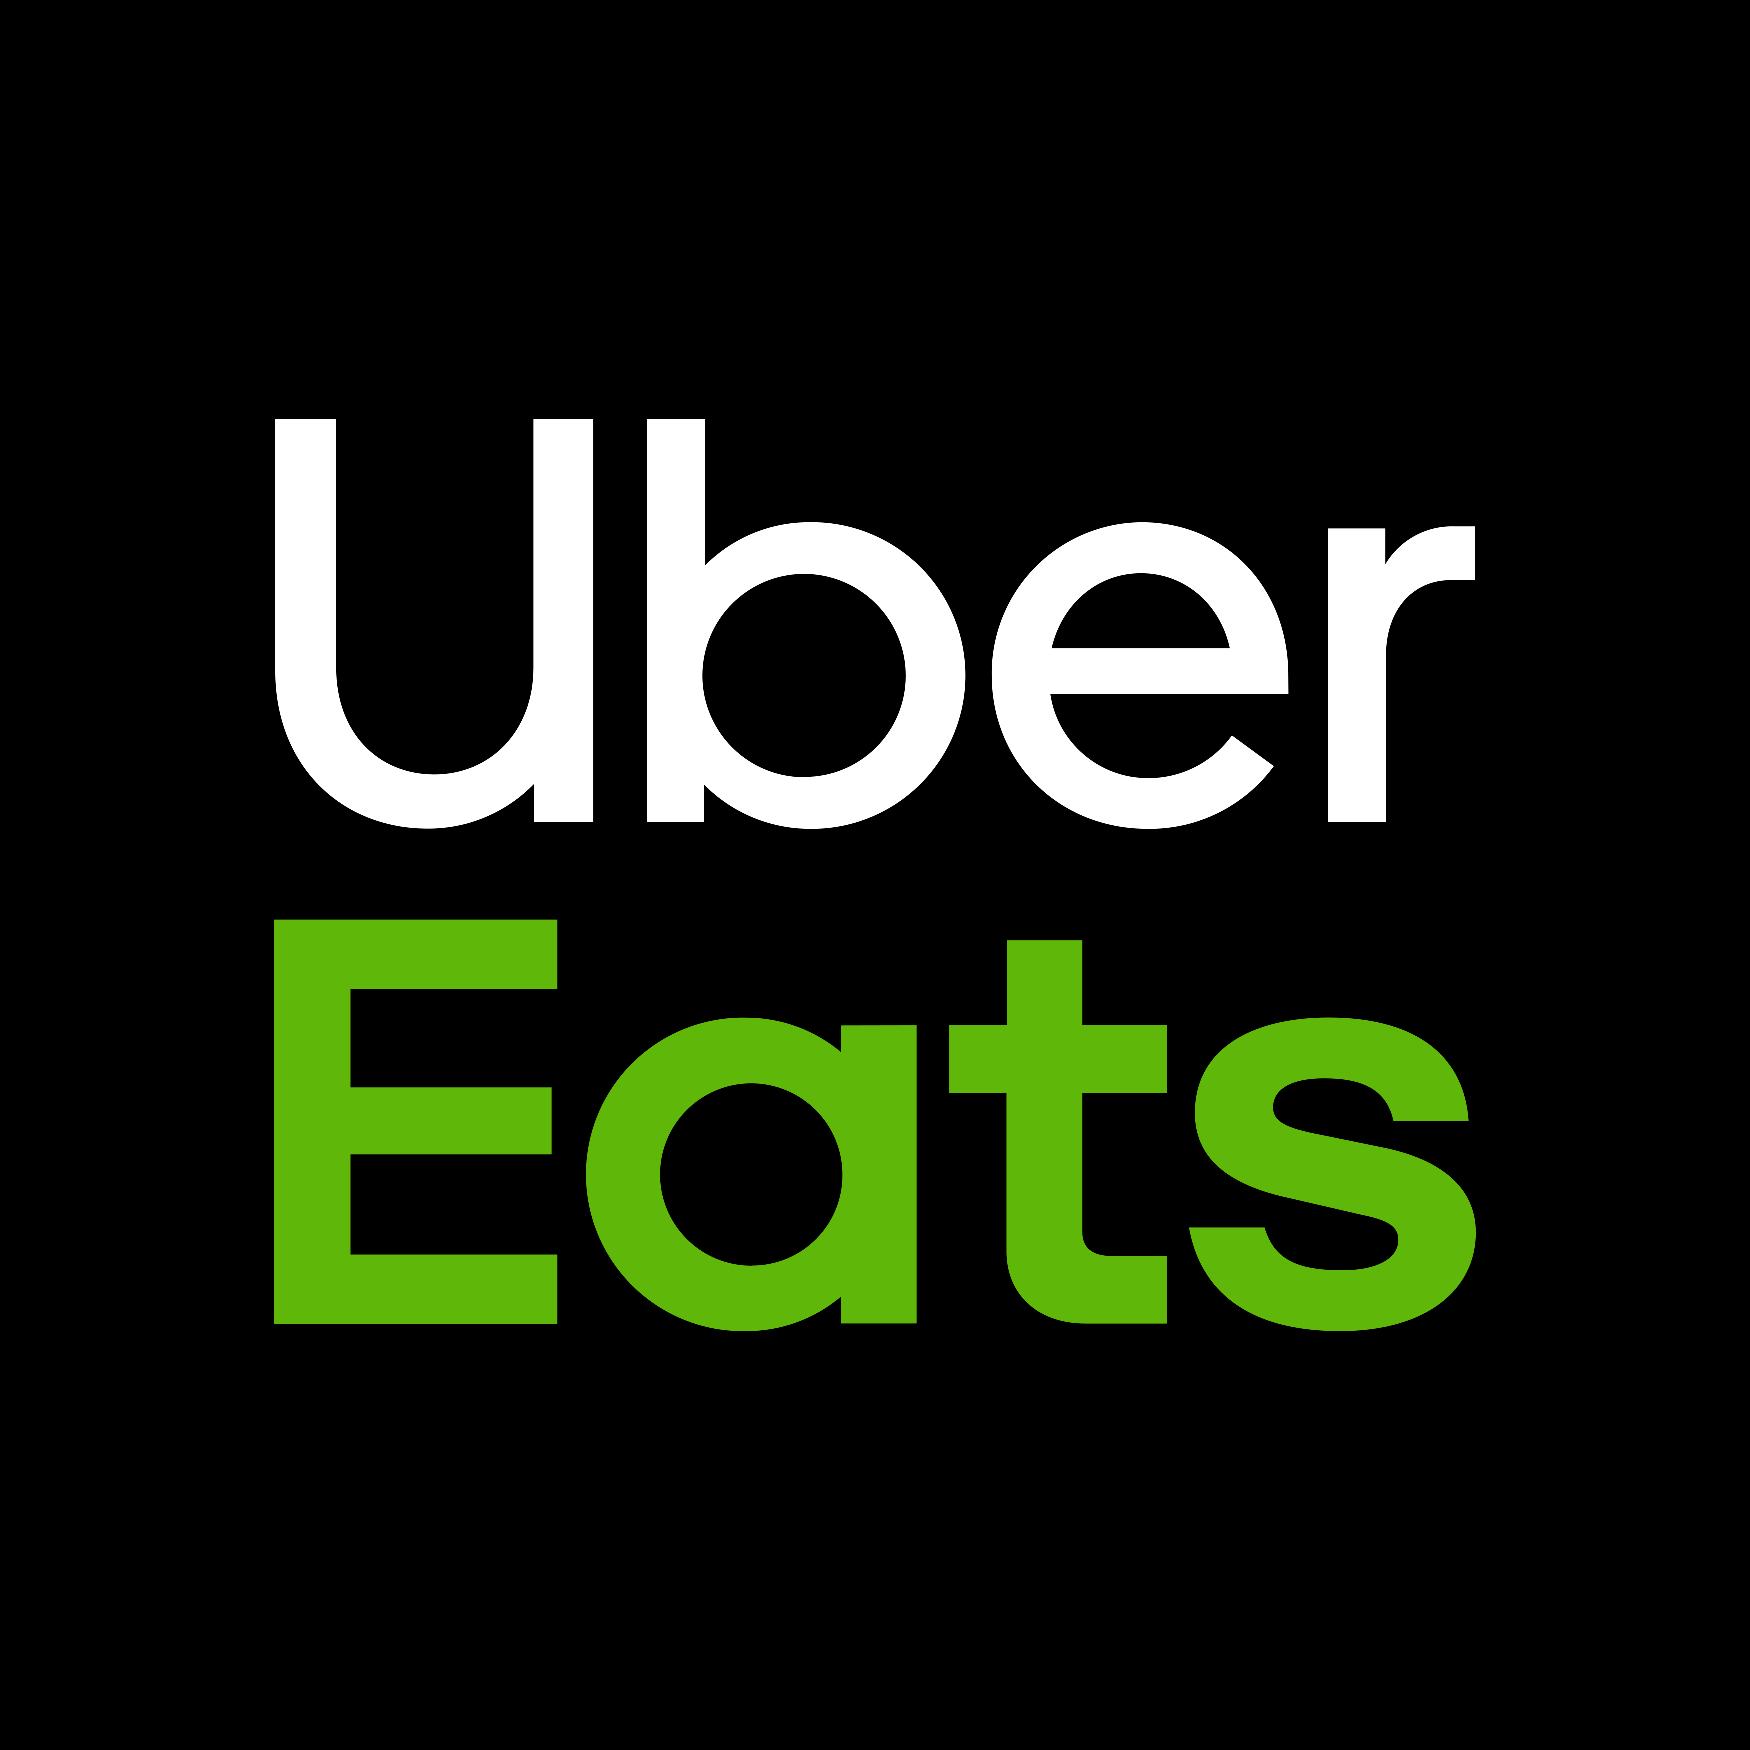 15€ de descuento en 3 primeros pedidos en Uber Eats (cuentas nuevas)